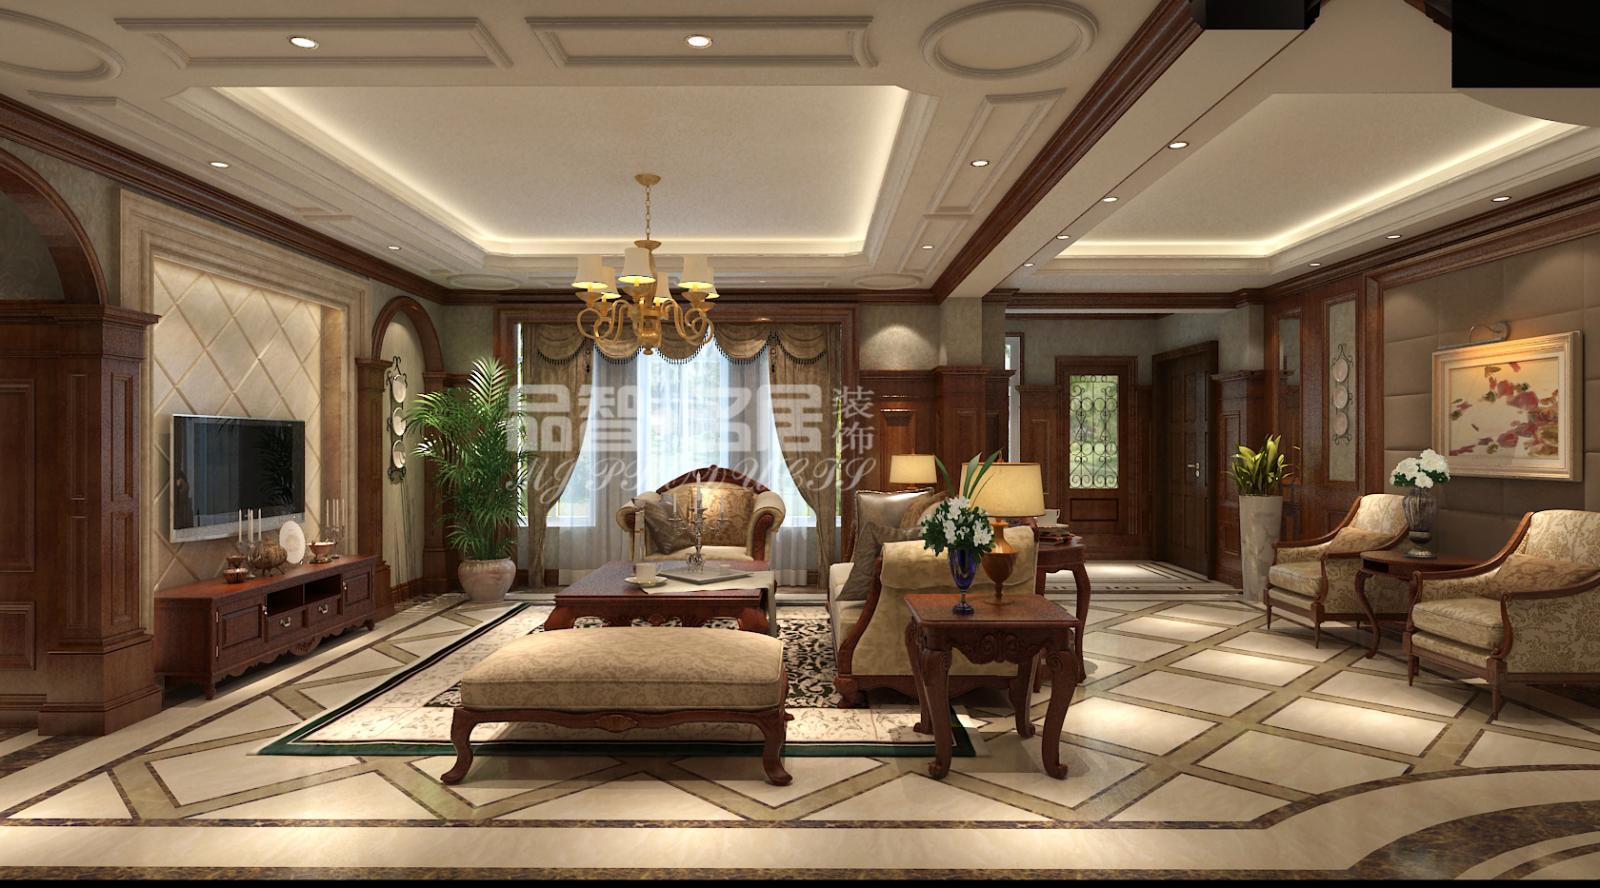 三居室美式风格_圣地雅歌花园洋房装修效果图-x团装修图片